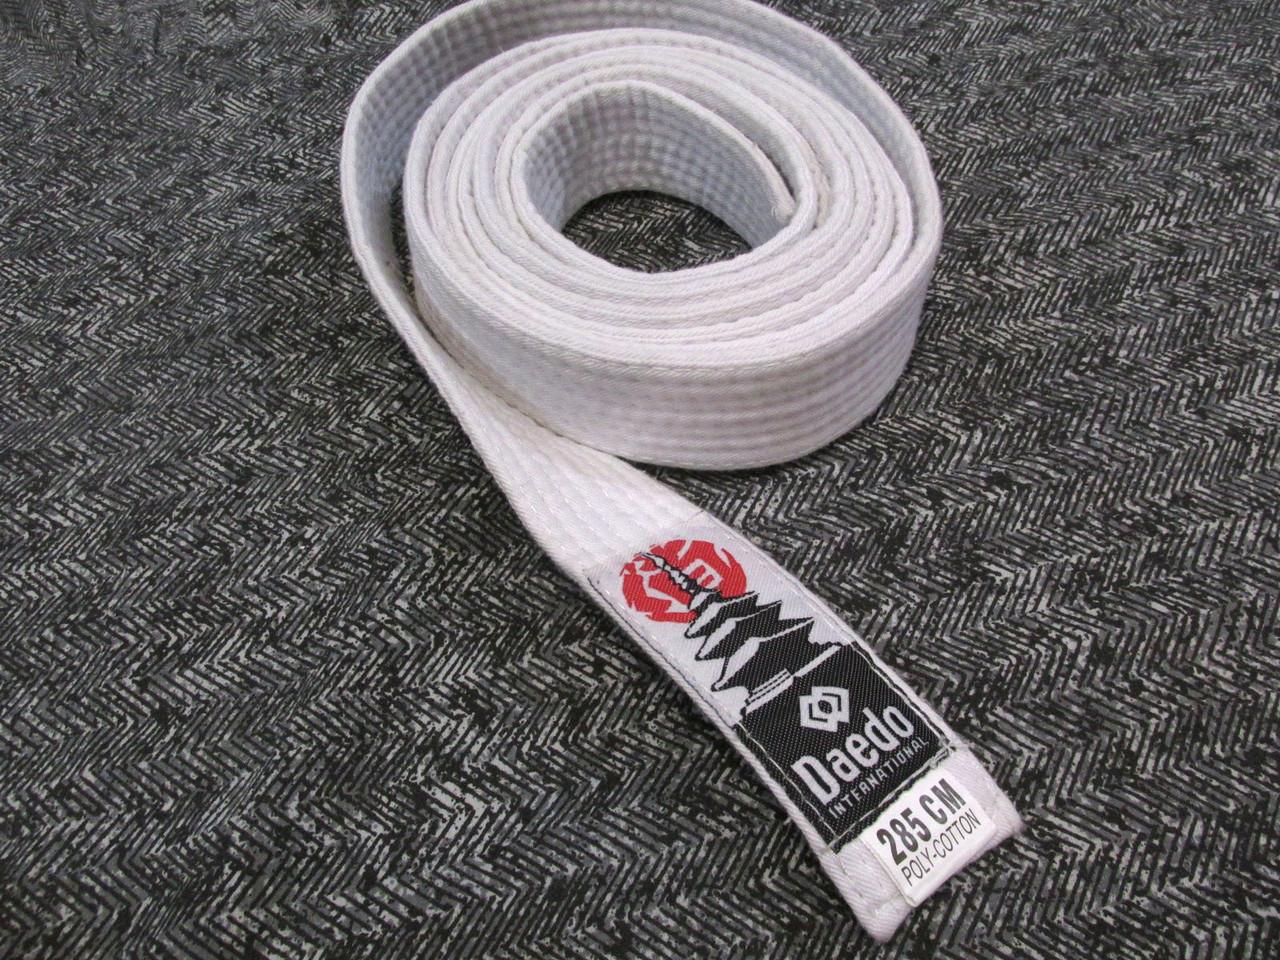 Пояс кимоно Daedo 285 (4х285 см), белый, Как Новый!